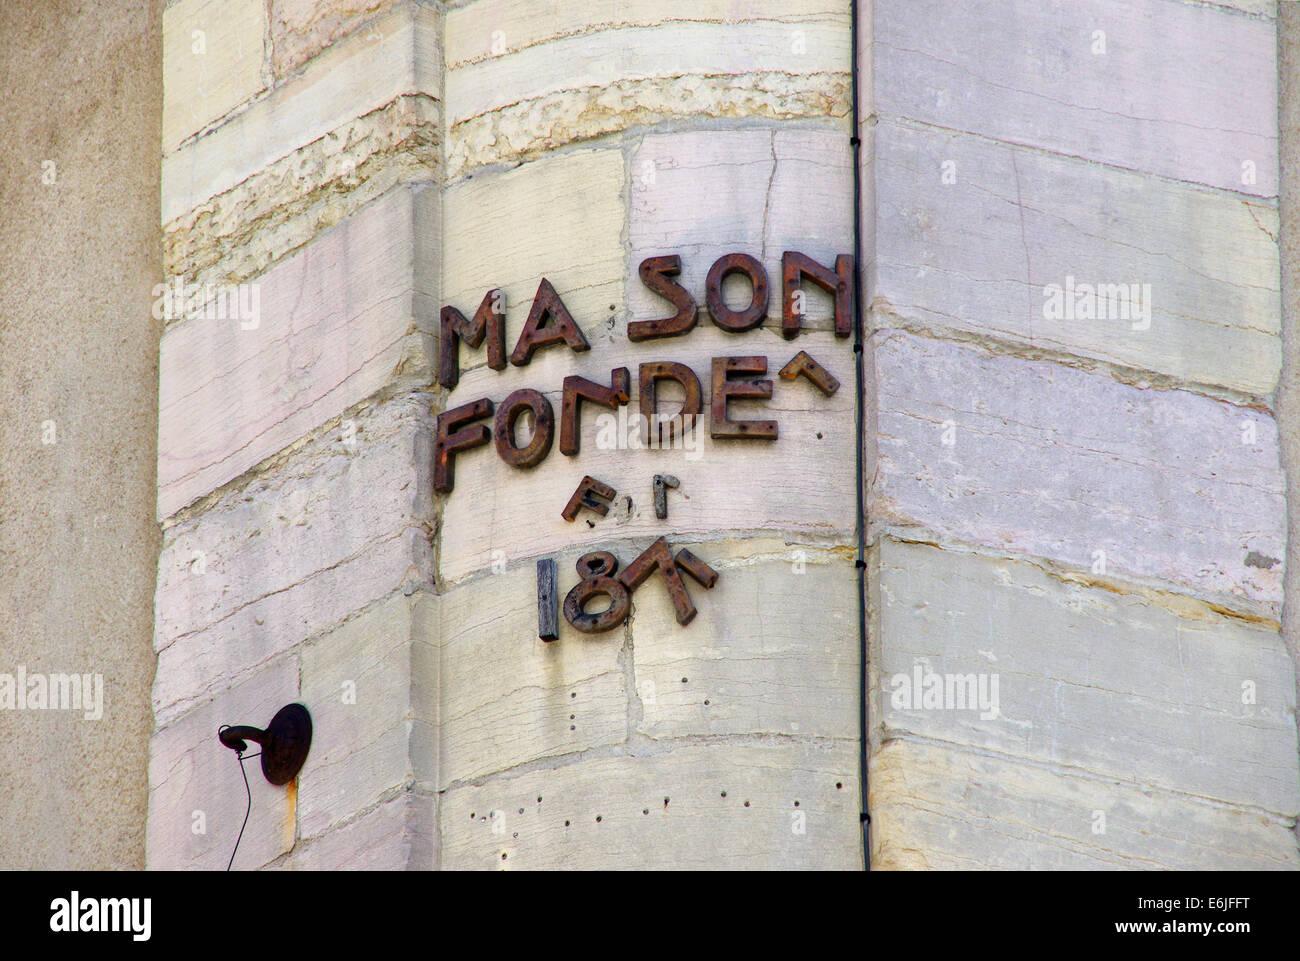 Broken sign in Dijon France Stock Photo